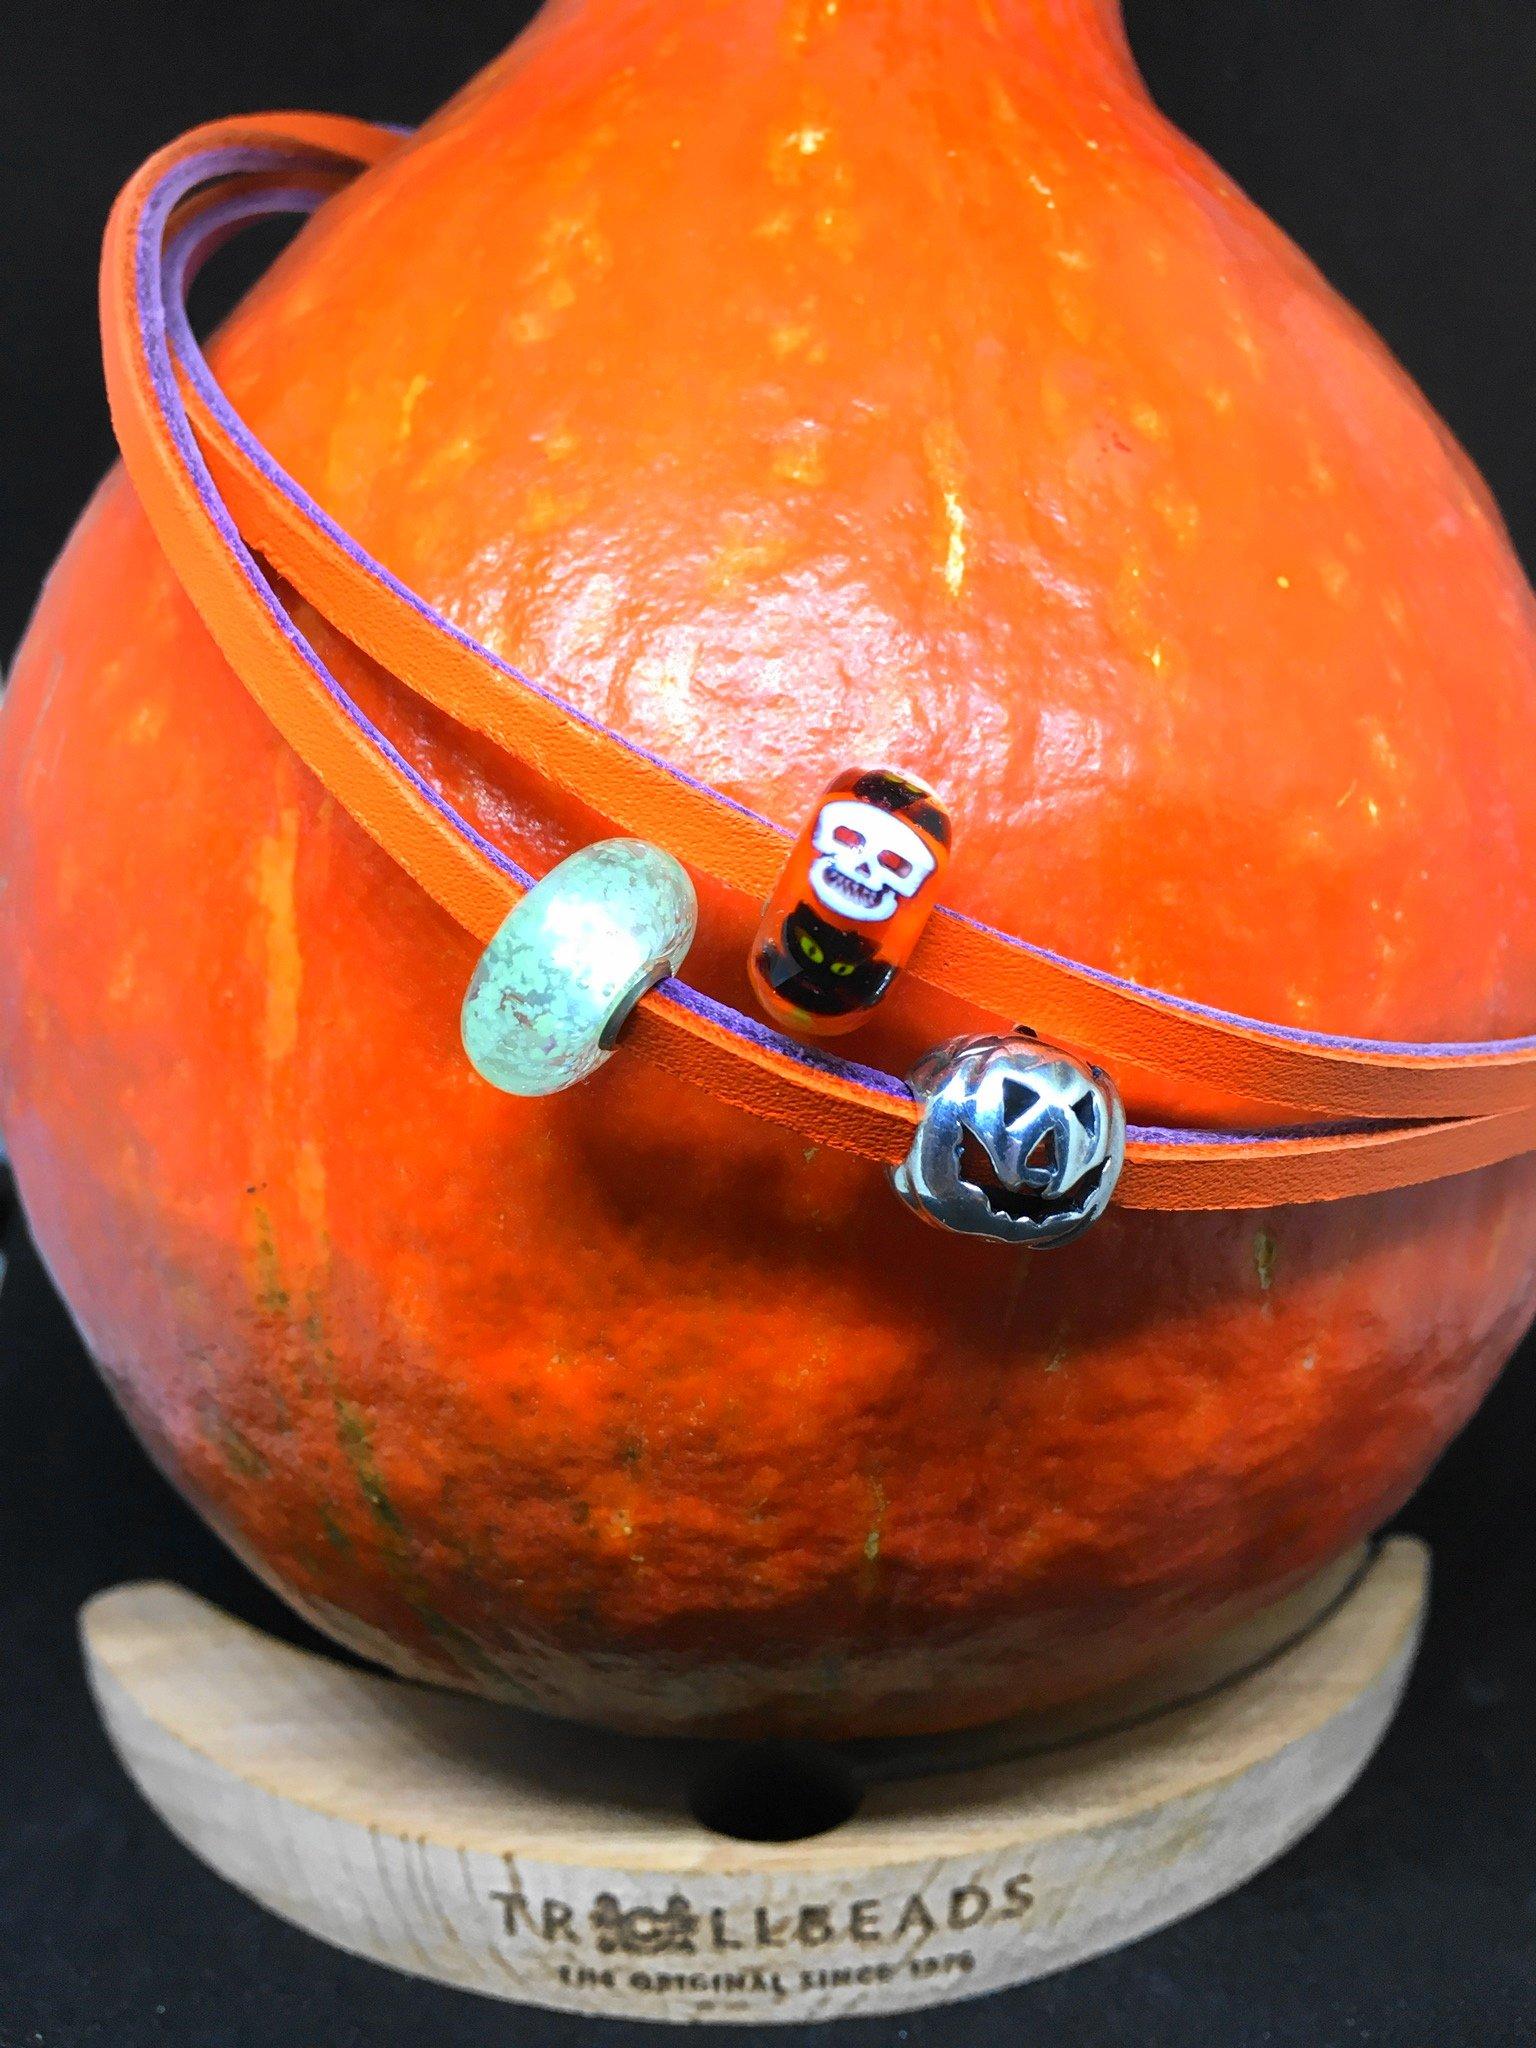 Heute zeige ich euch auf meinem Blog mein Halloween mit Trollbeads und gehe auf die wunderschönen Beads etwas näher mit hübschen Fotos ein